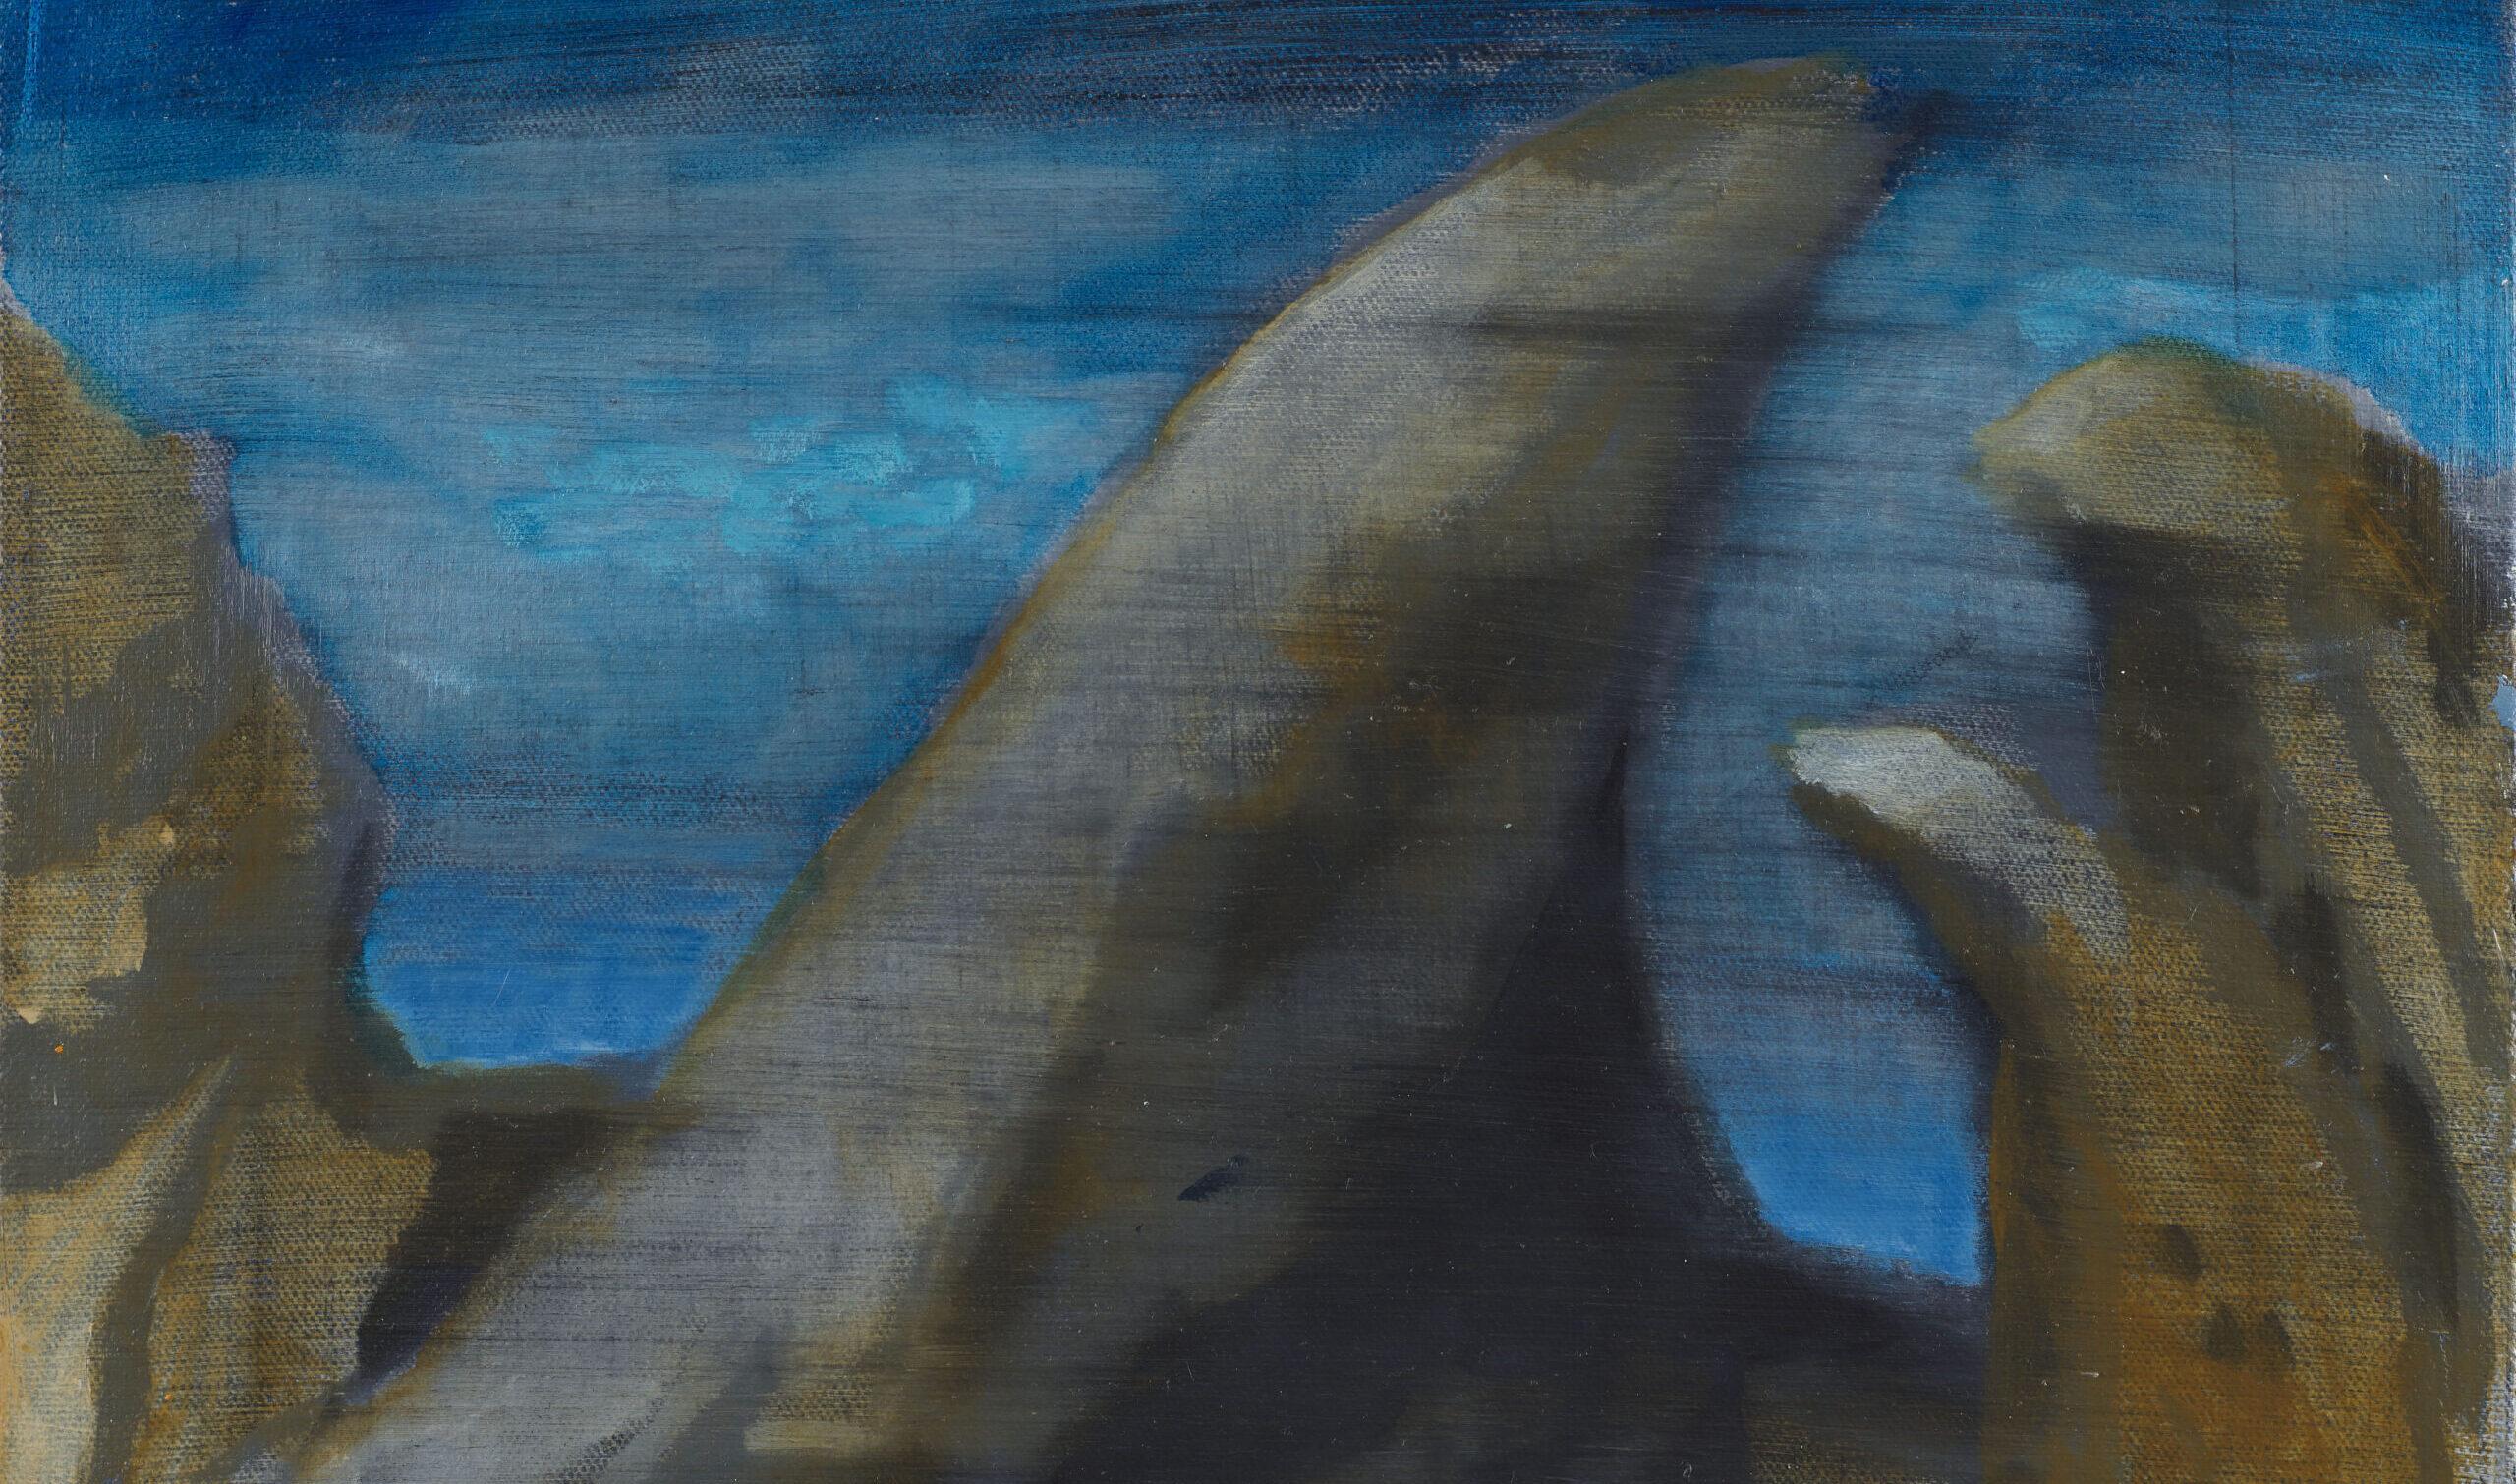 Dipingere lo scorrere del tempo. Oren Eliav a Milano, una coreografia di dipinti verso l'ascesa